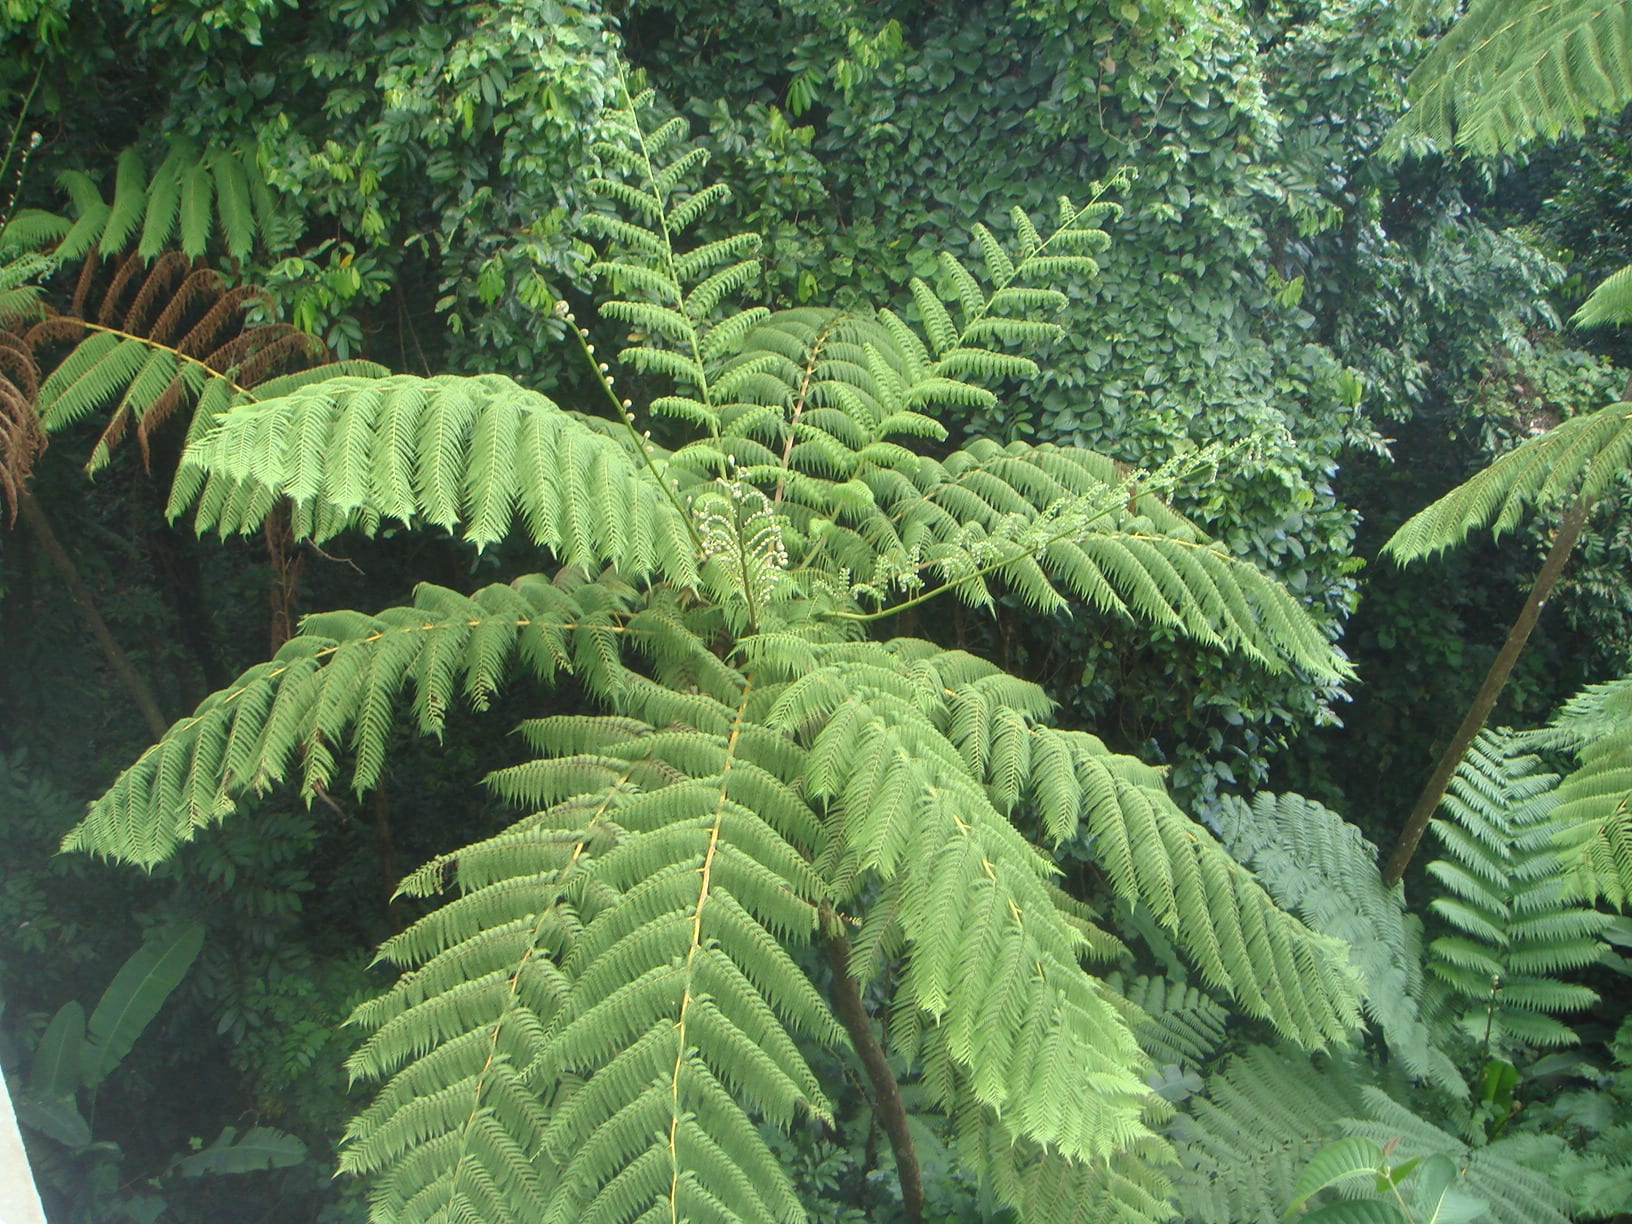 Vista de las hojas de la Cyathea arborea